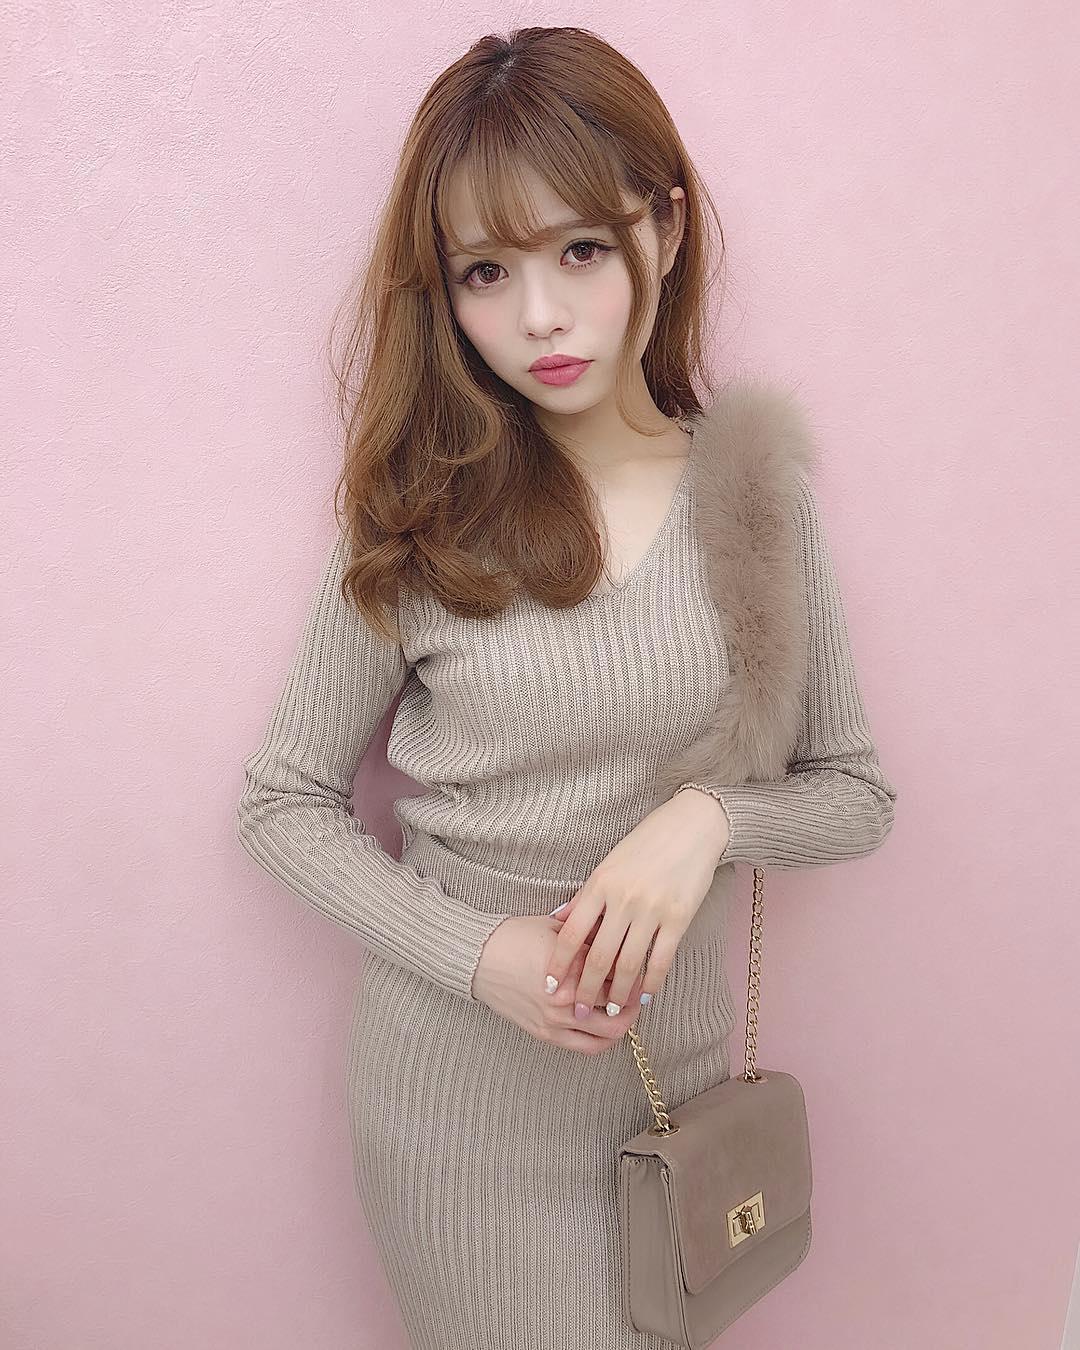 岛国美女模特JSAKO,气质女神,清秀靓丽,精选合辑一20张